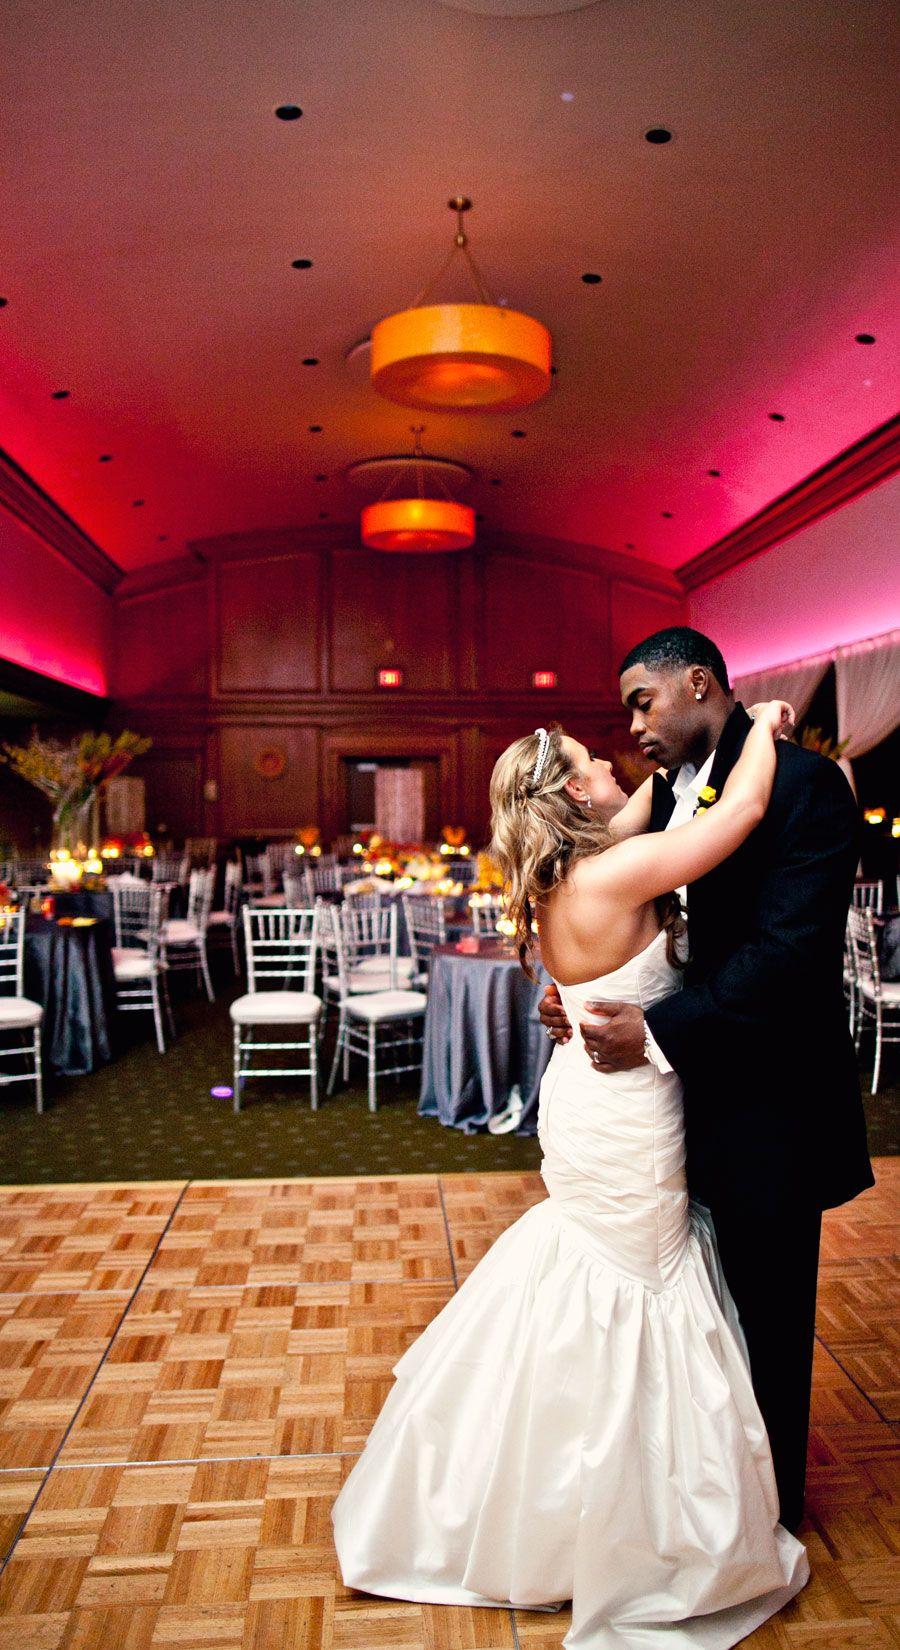 Dfw Perfect Wedding Guide Wedding Reception Venues Magnolia